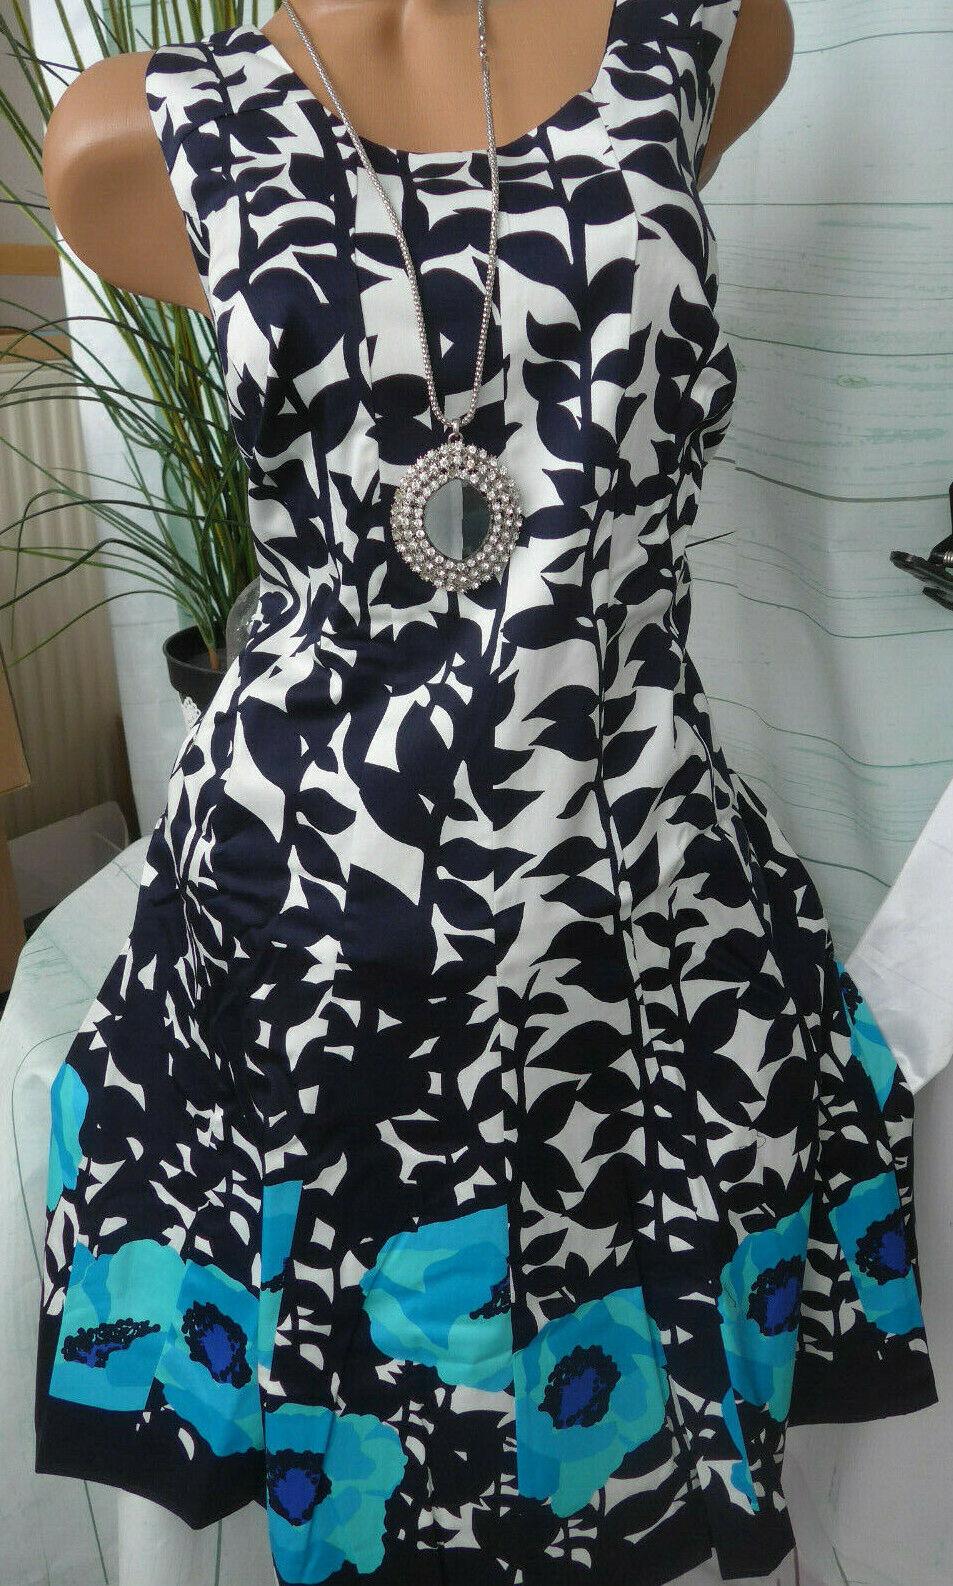 cef4f0cc49d48 Sheego Kleid Trägerkleid Cocktailkleid Gr. 40 bis 52 große Größen NEU (802)  *